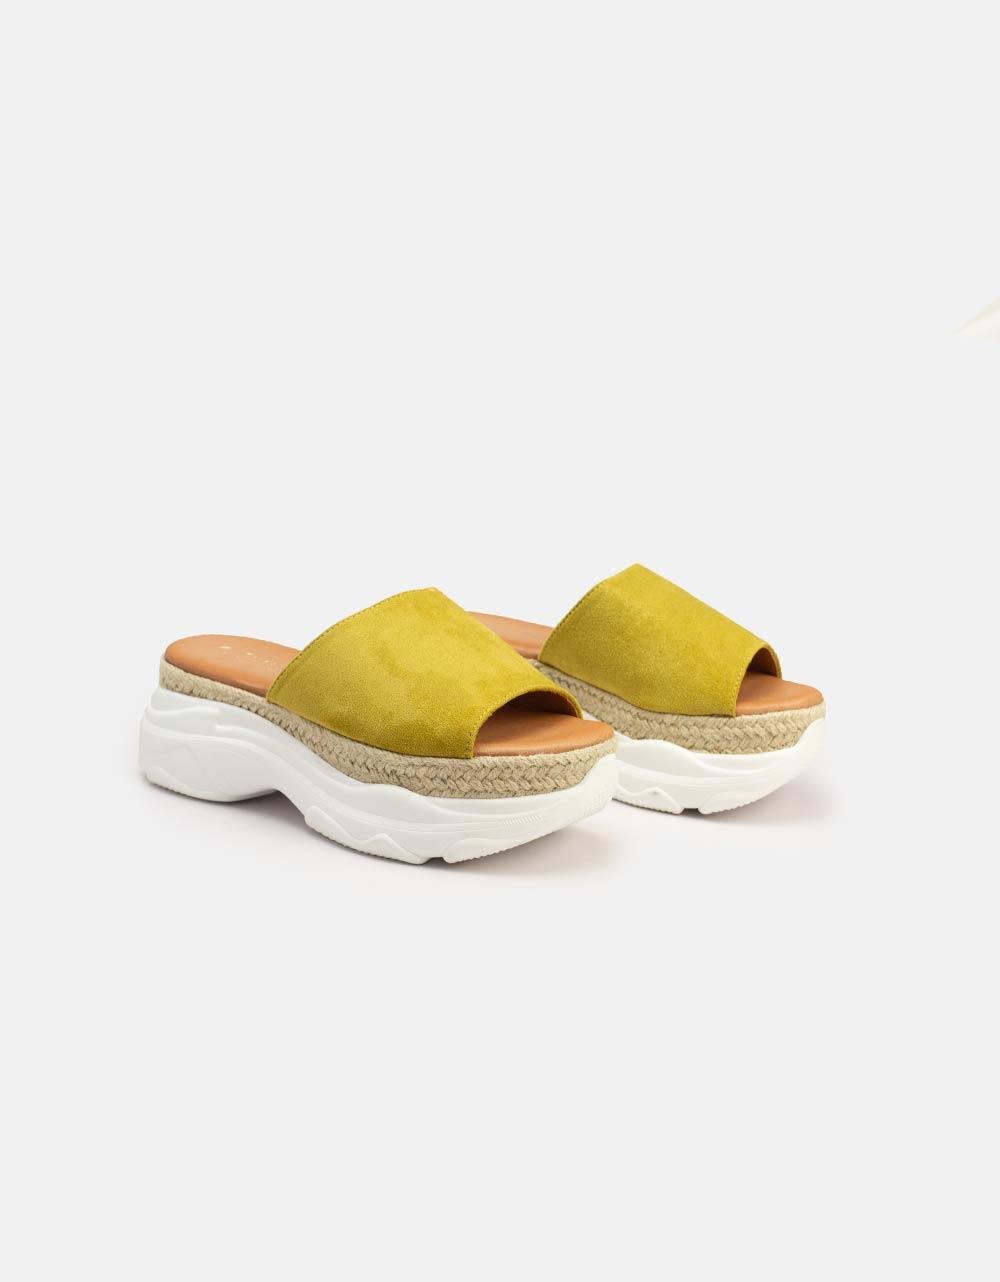 Εικόνα από Γυναικεία σανδάλια με διπλό υλικό Κίτρινο